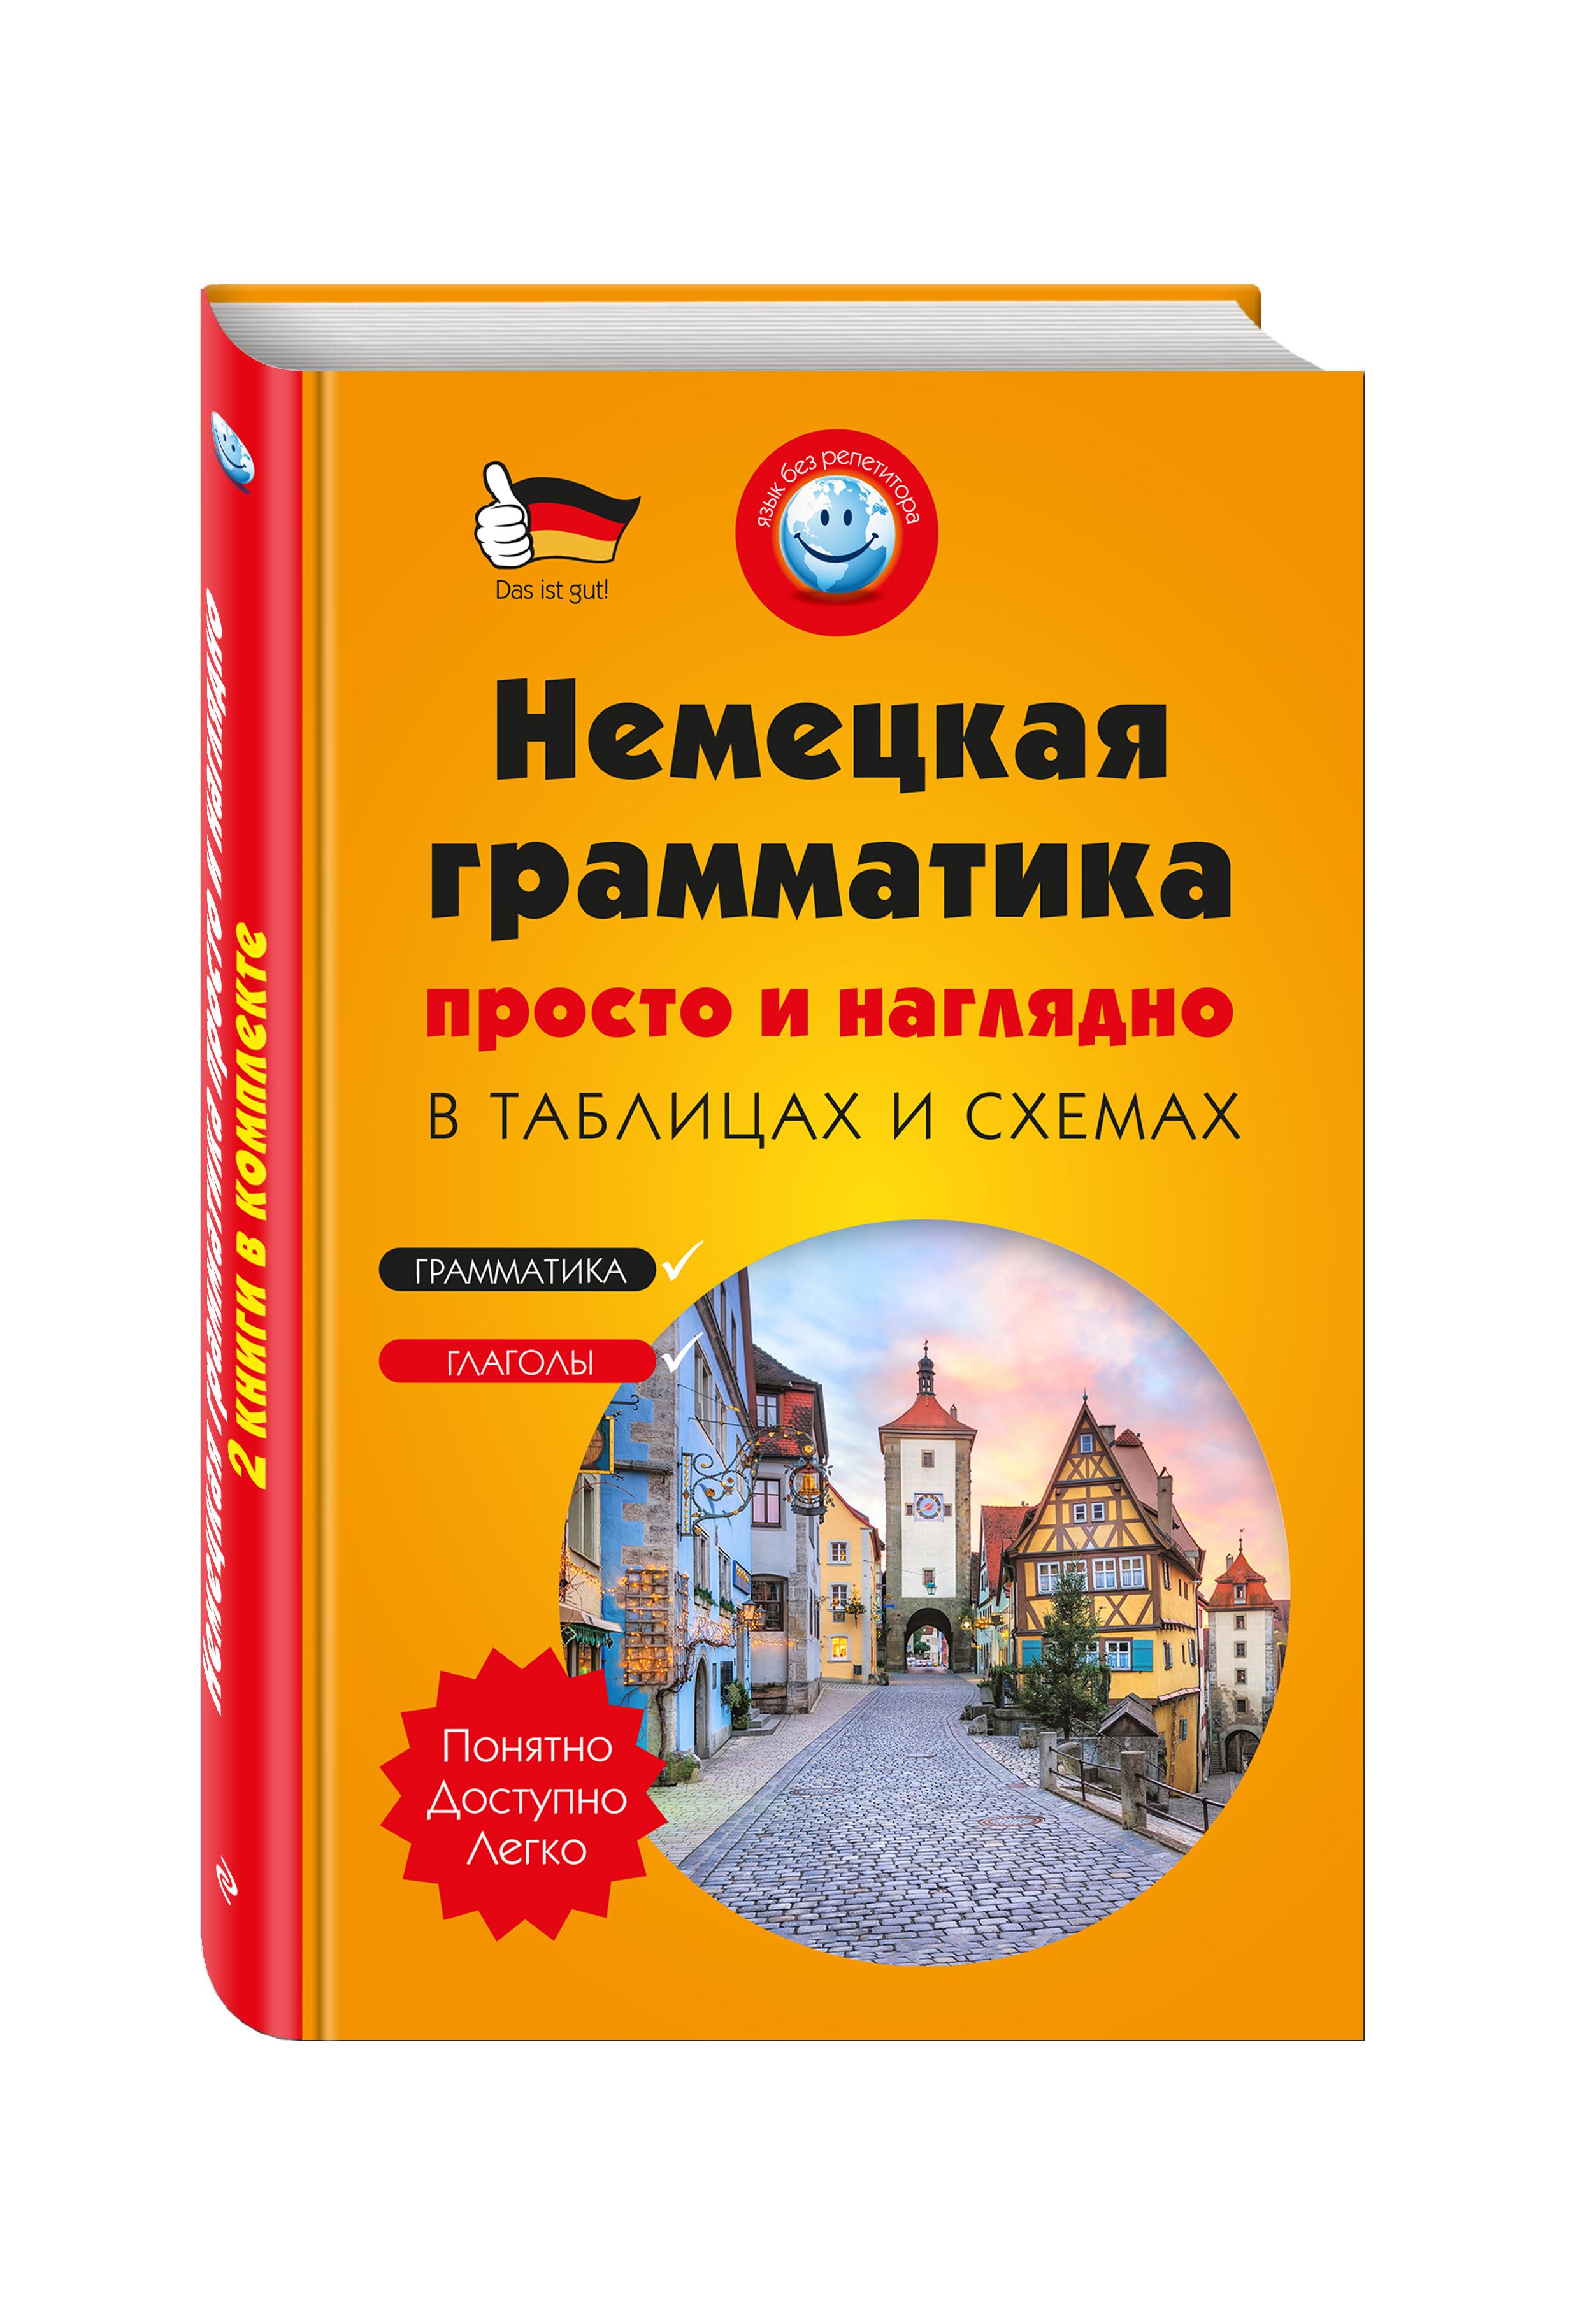 Немецкая грамматика просто и наглядно. (комплект) от book24.ru